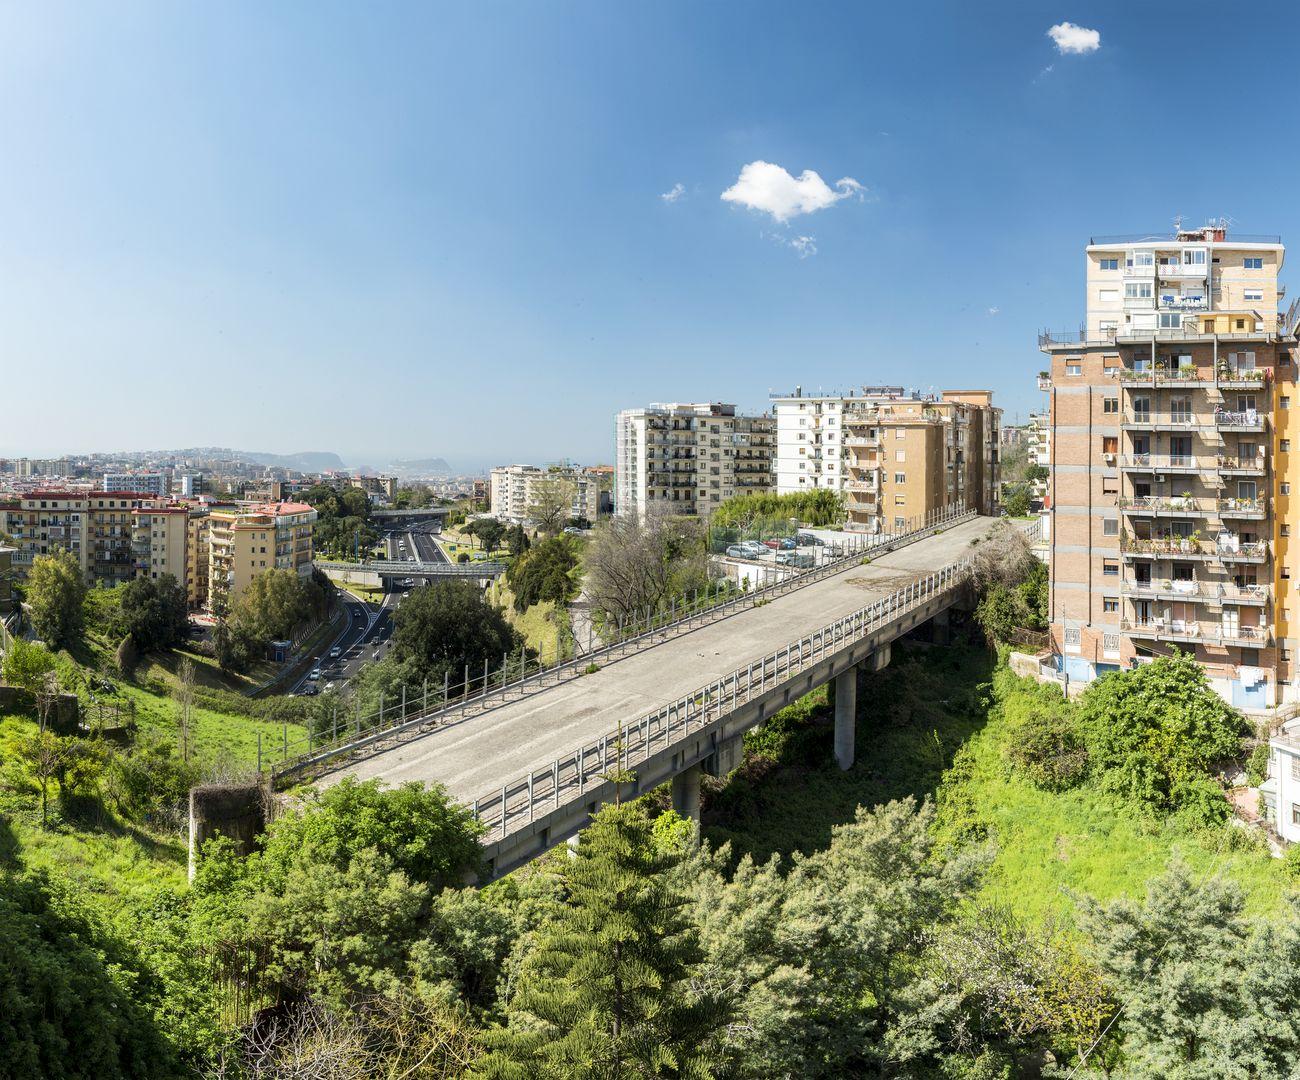 Alterazioni Video, Il ponte di Via San Giacomo dei Capri, Napoli